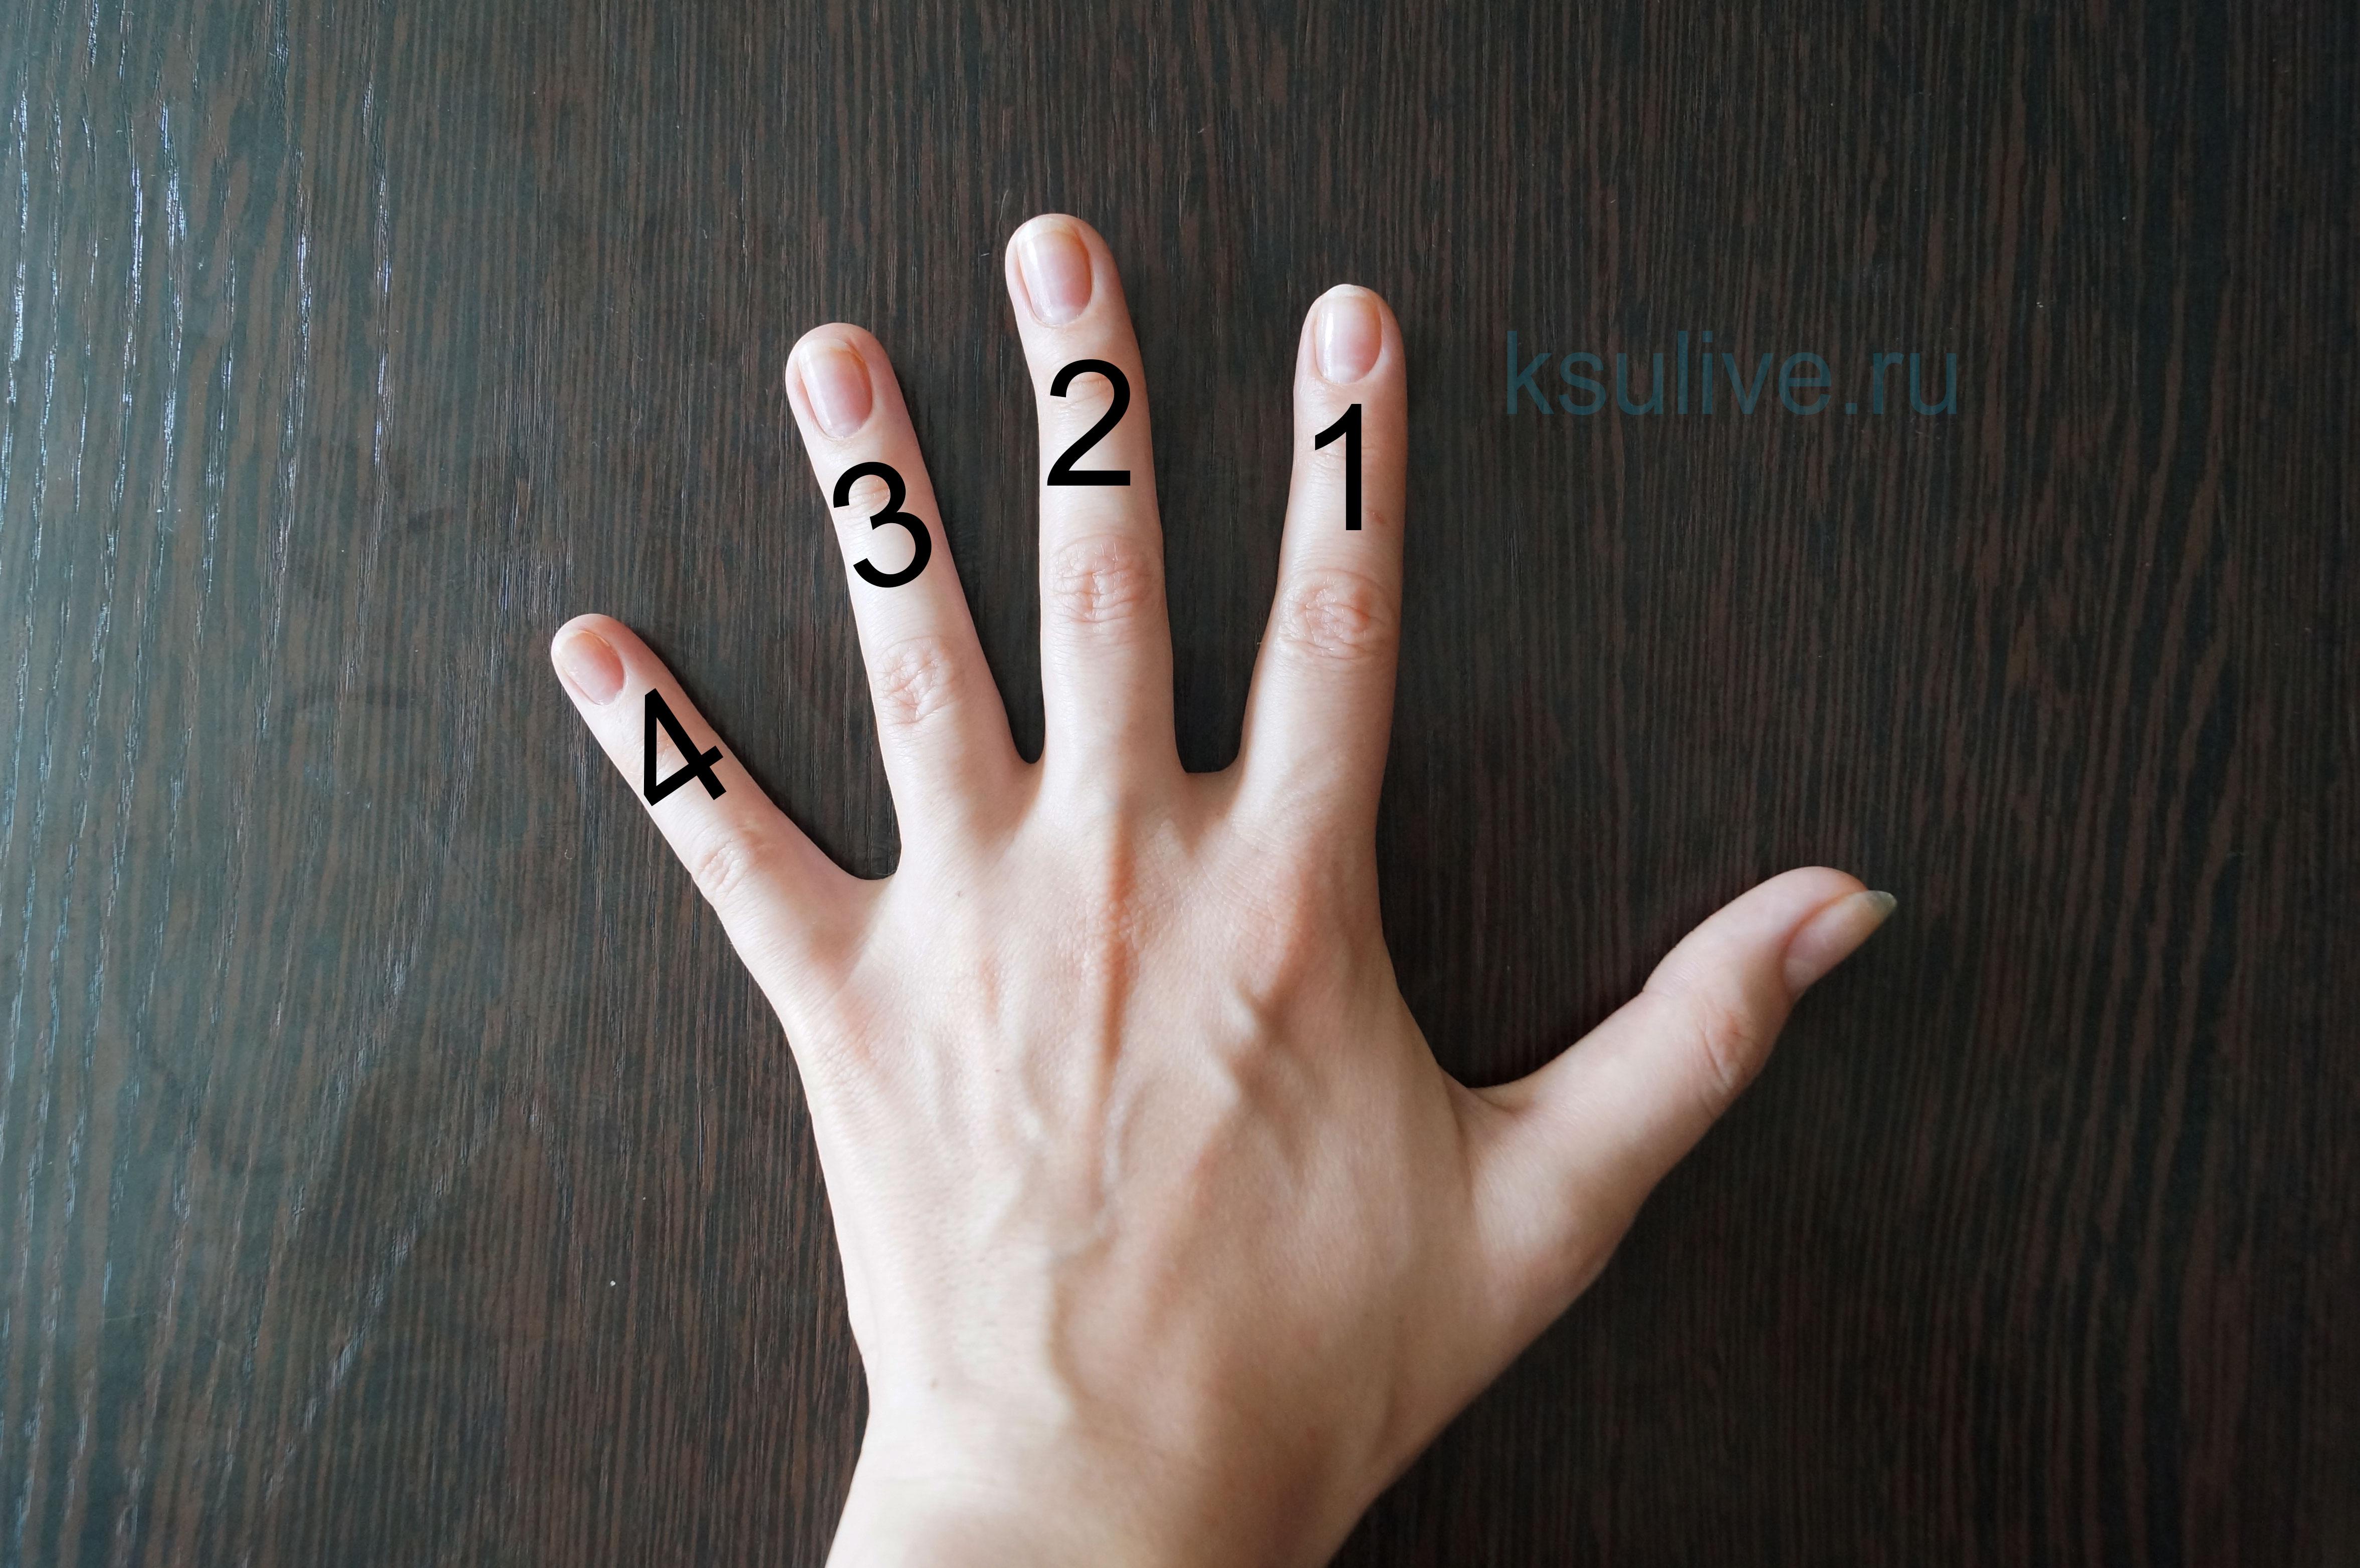 нумерация пальцев левой руки для гитары